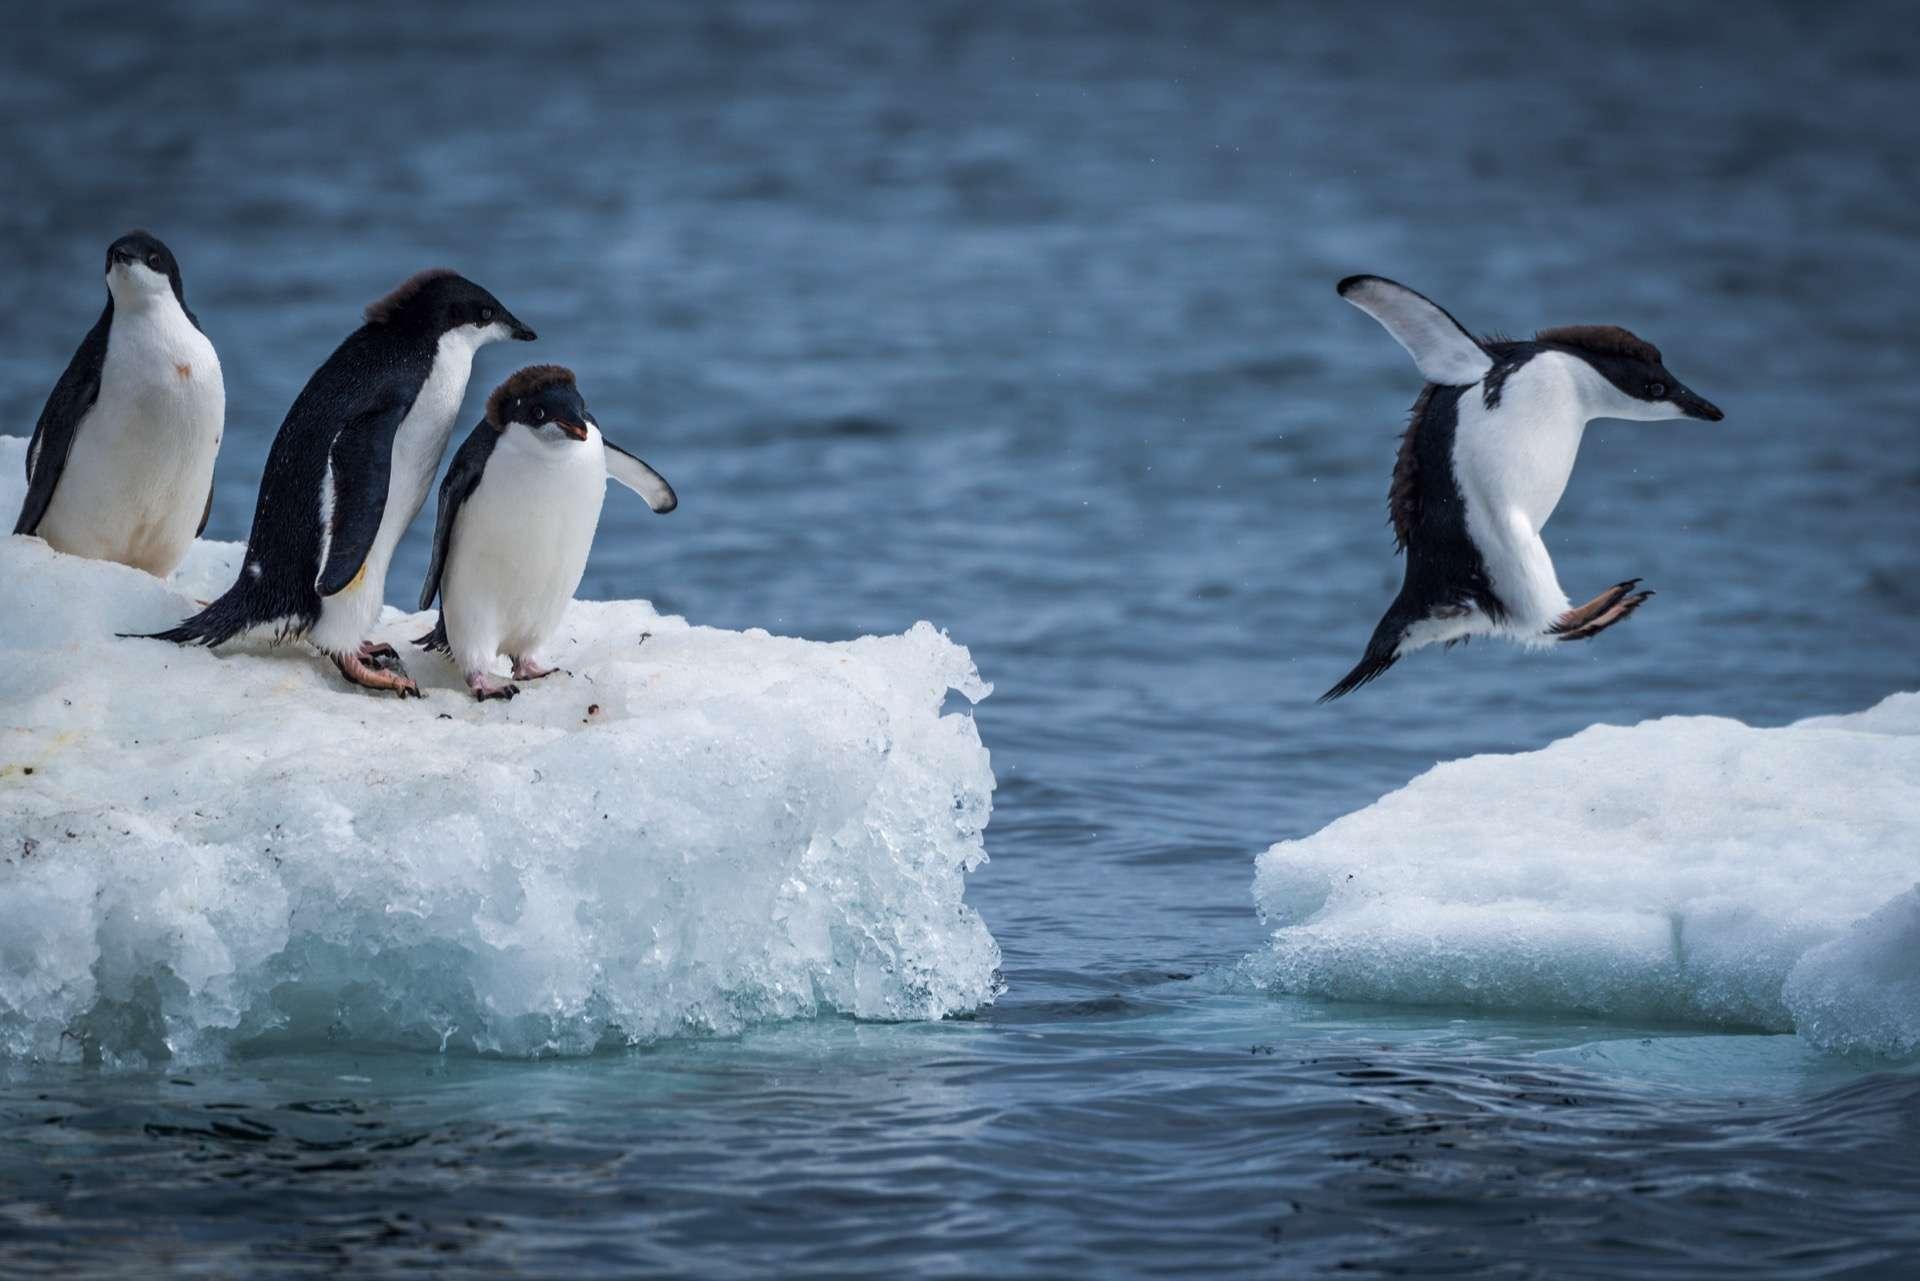 Les manchots, contrairement aux pingouins, vivent dans l'hémisphère Sud. En Antarctique, par exemple. Ici, des manchots Adélie (Pygoscelis adeliae). @ Nick Dale, Adobe Stock